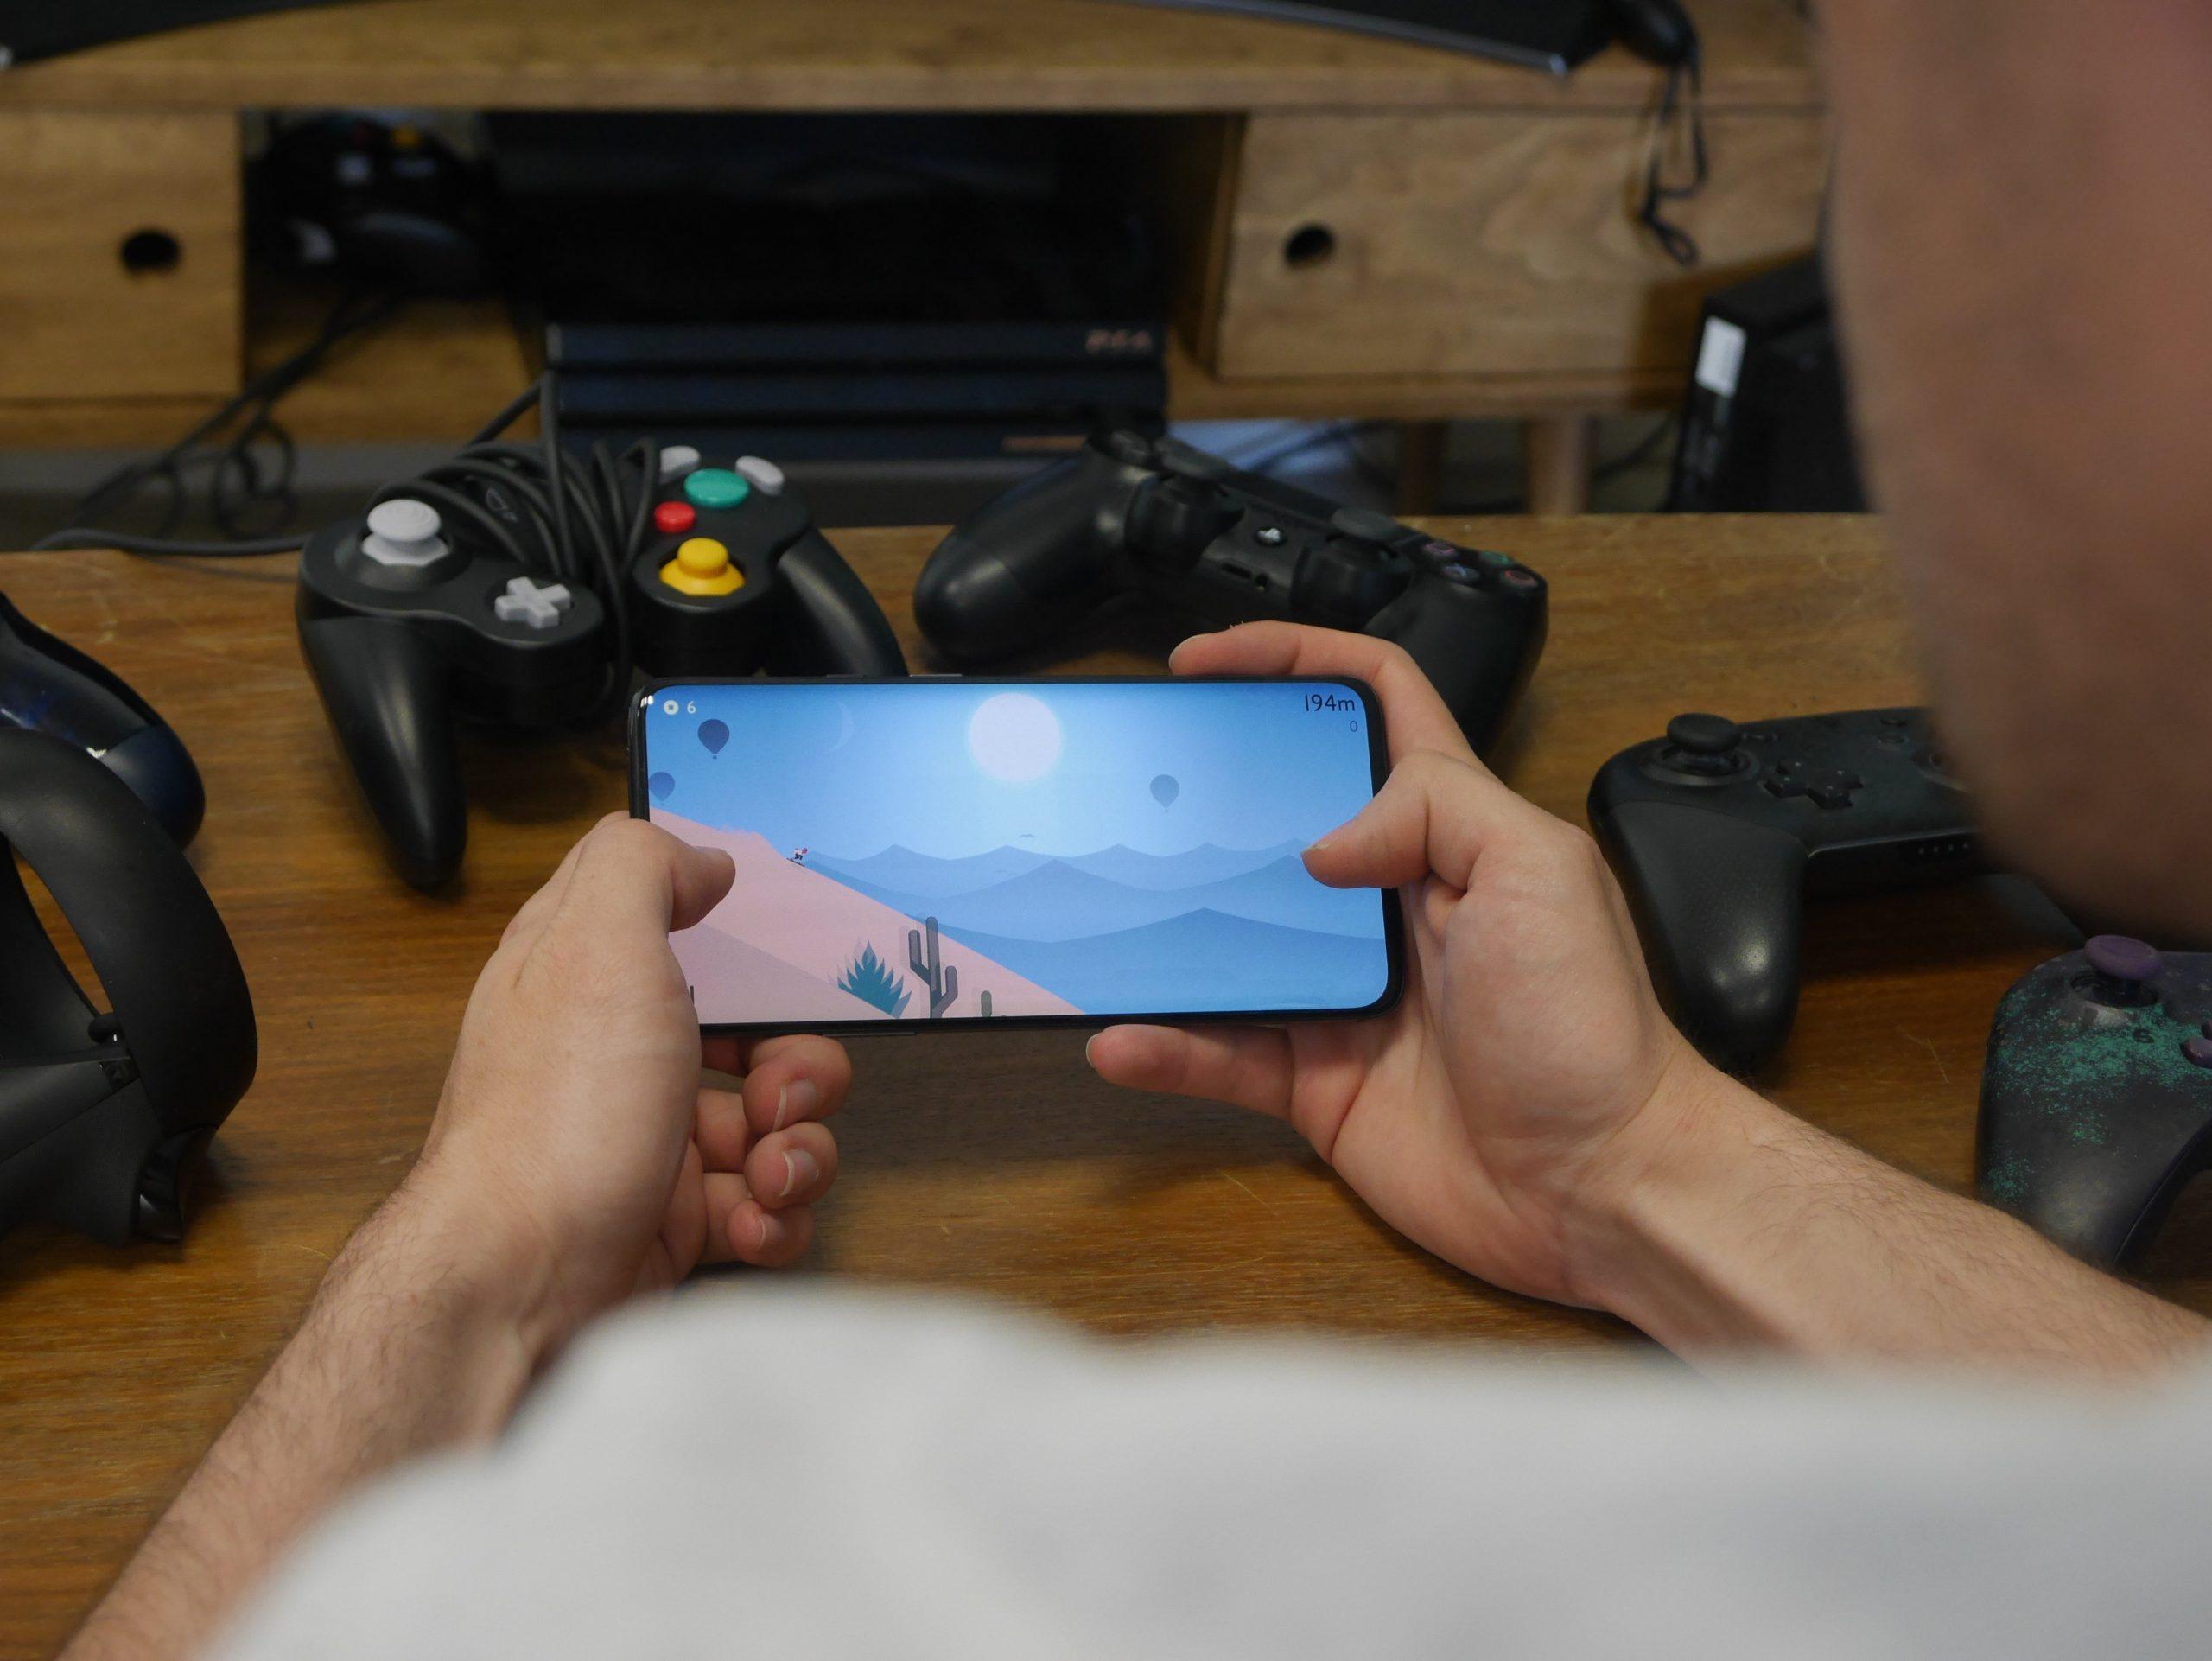 Les Meilleurs Jeux Gratuits Sur Android En 2020 intérieur Jeux Sans Téléchargement Gratuit